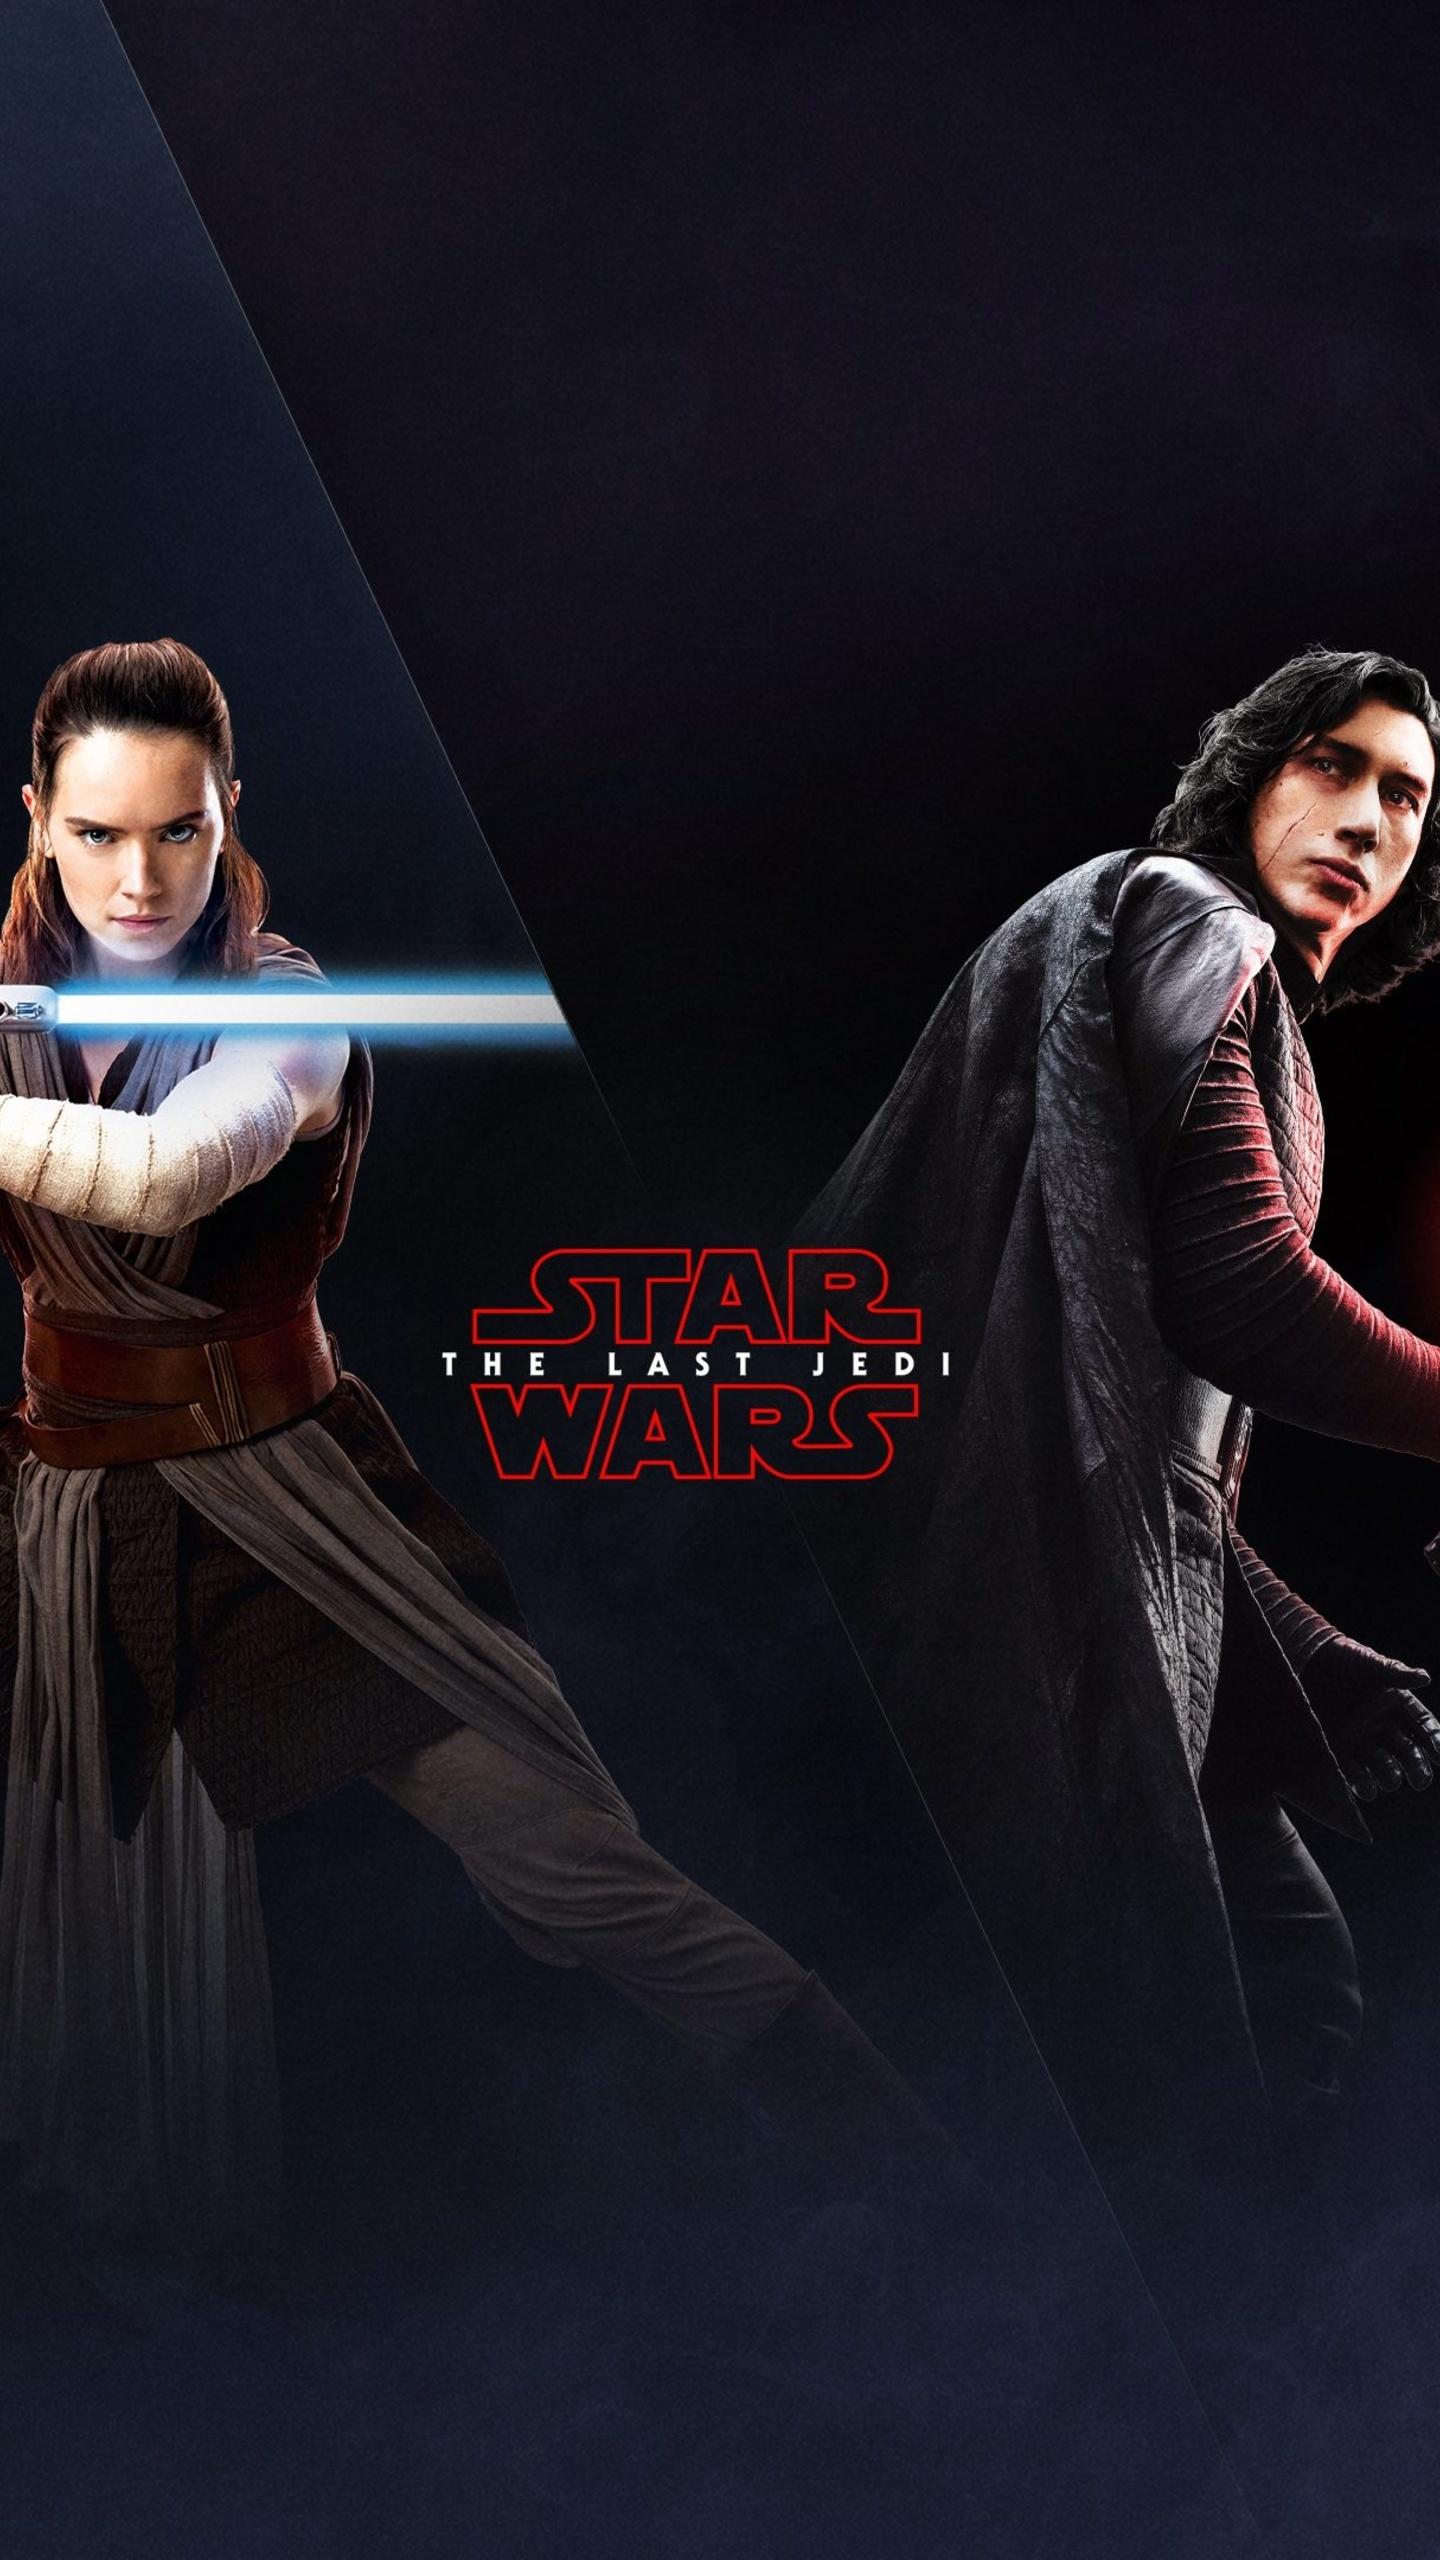 rey-kylo-ren-in-star-wars-the-last-jedi-4k-3n.jpg